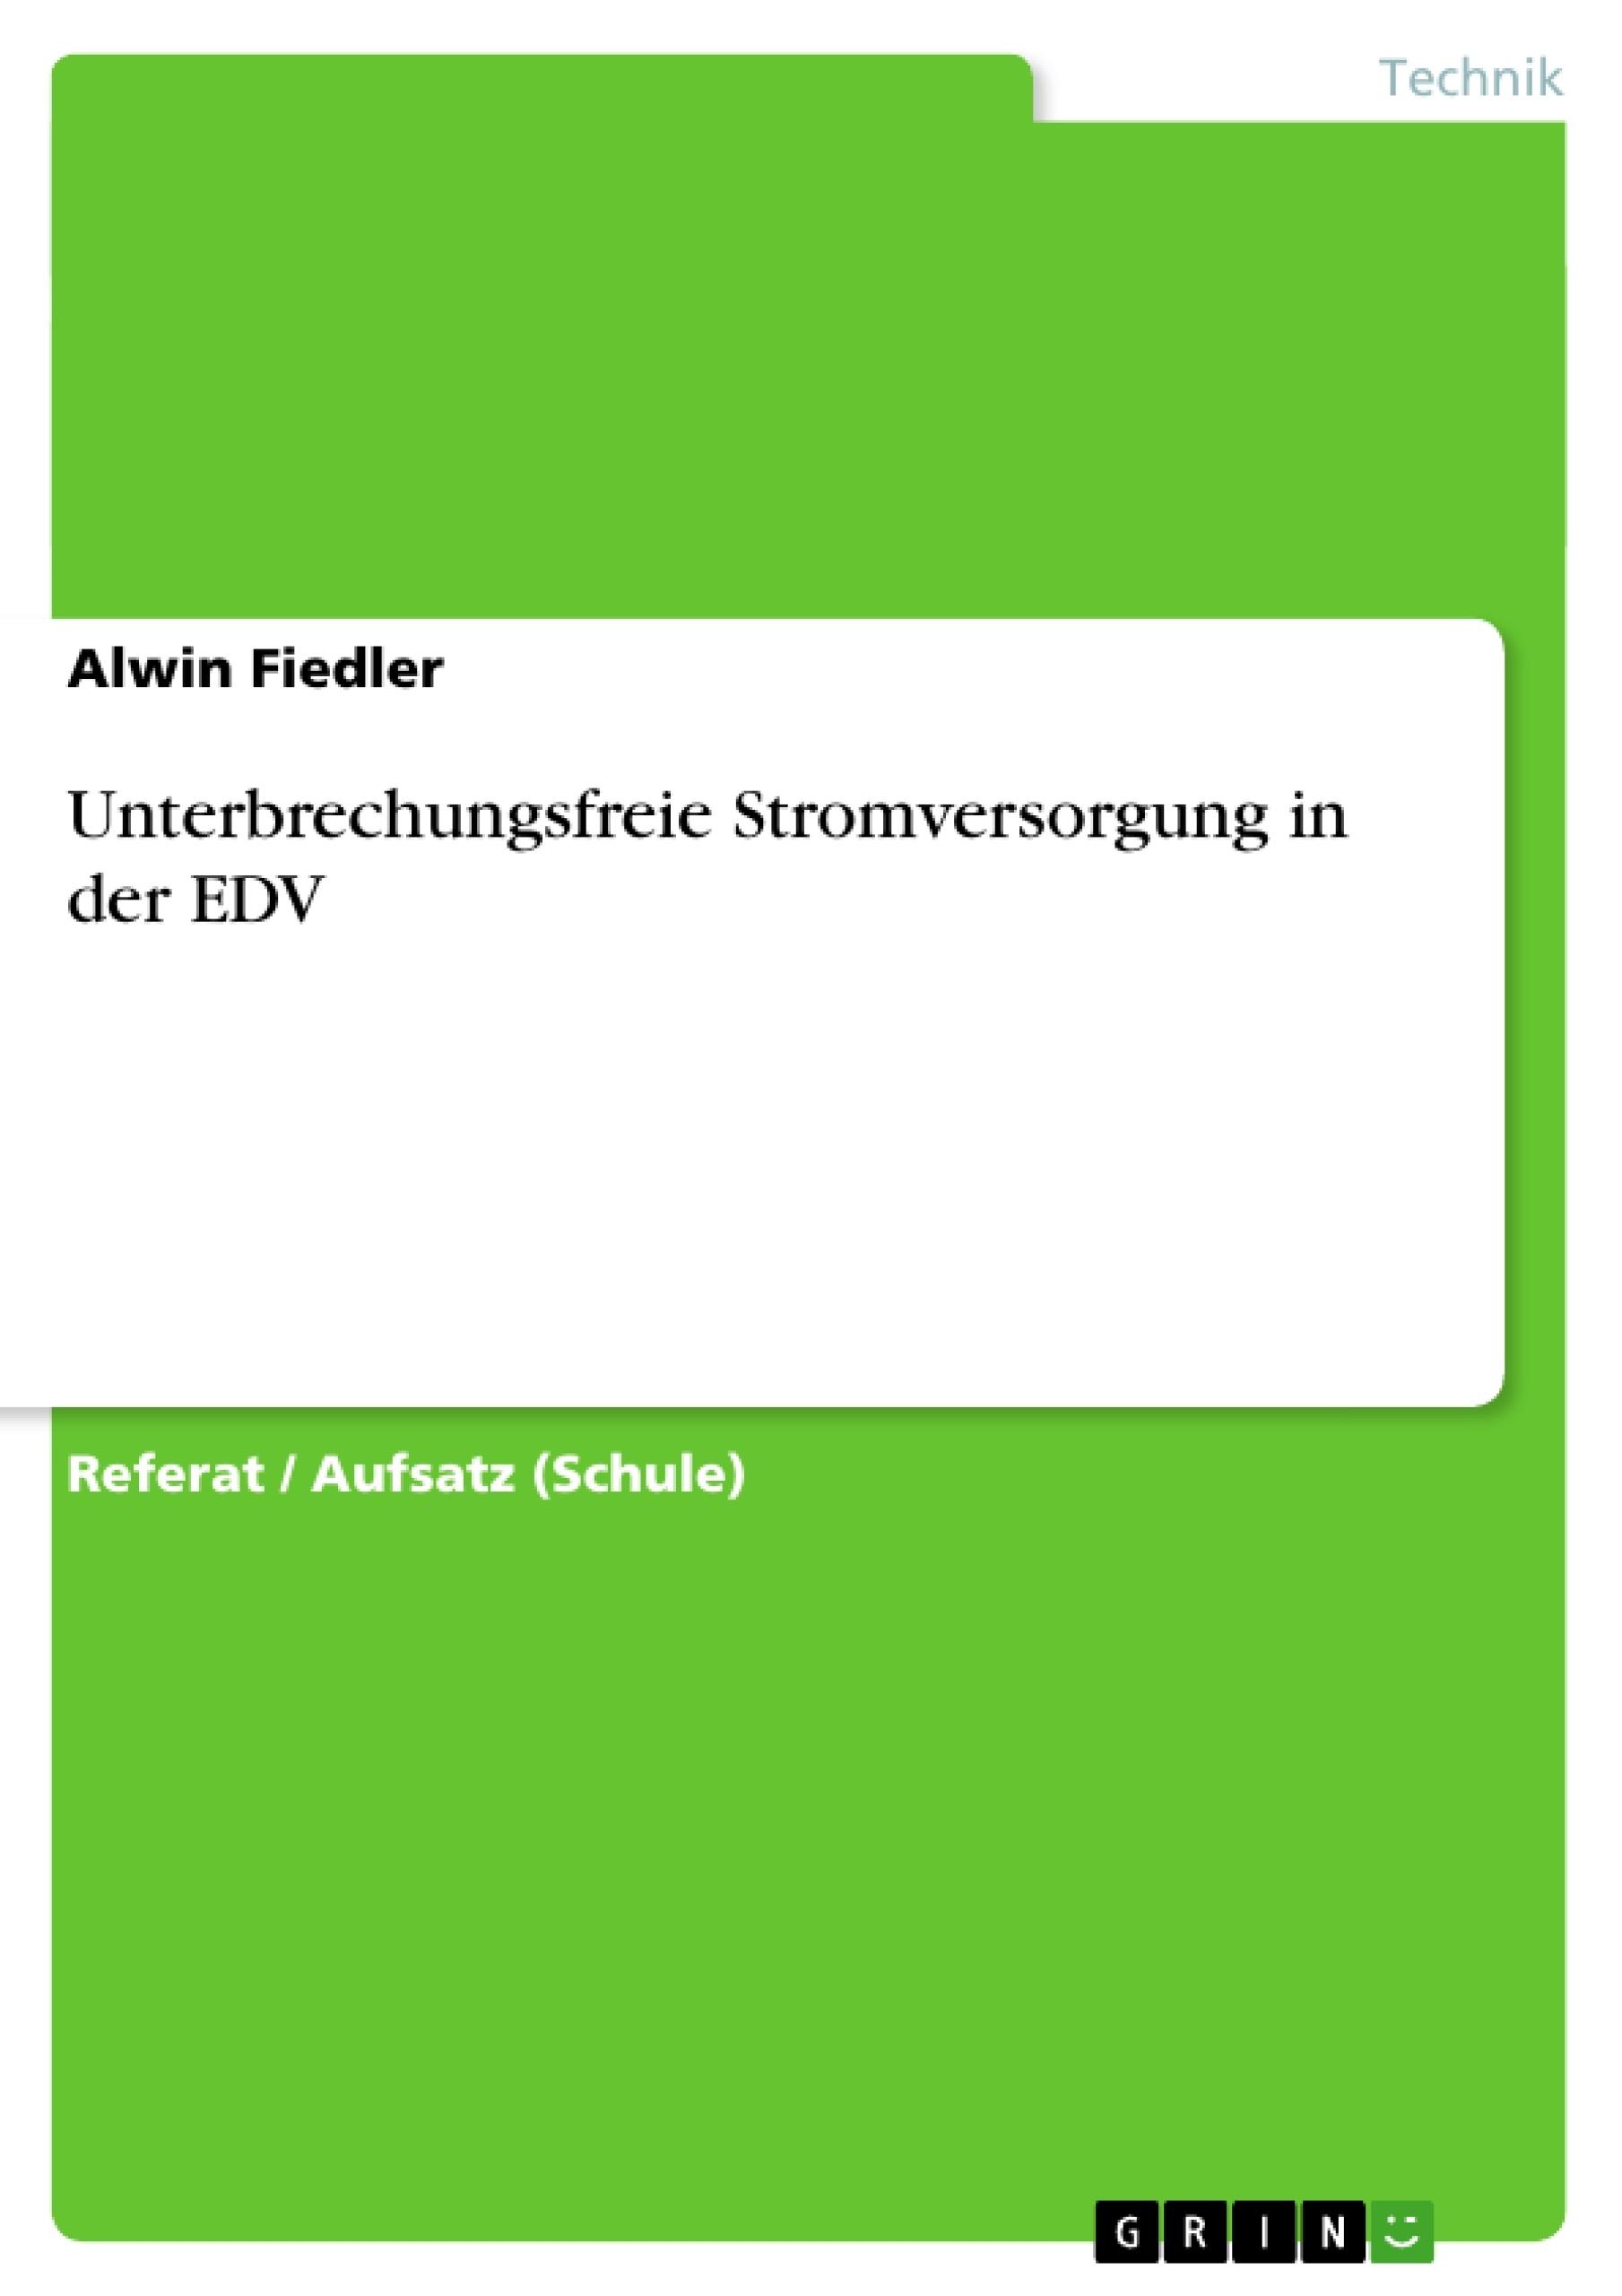 Titel: Unterbrechungsfreie Stromversorgung in der EDV